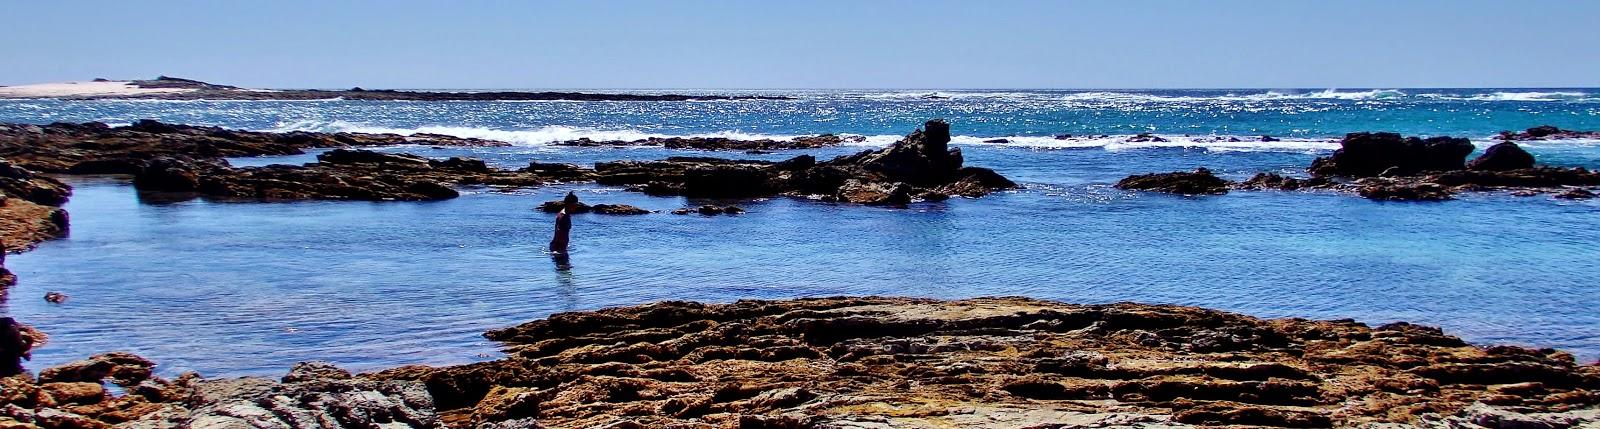 Piscinas naturales en ruta por costa a Playa Guiones, al fondo Isla Rosada. Playa Garza, Península de Nicoya, Costa Rica.